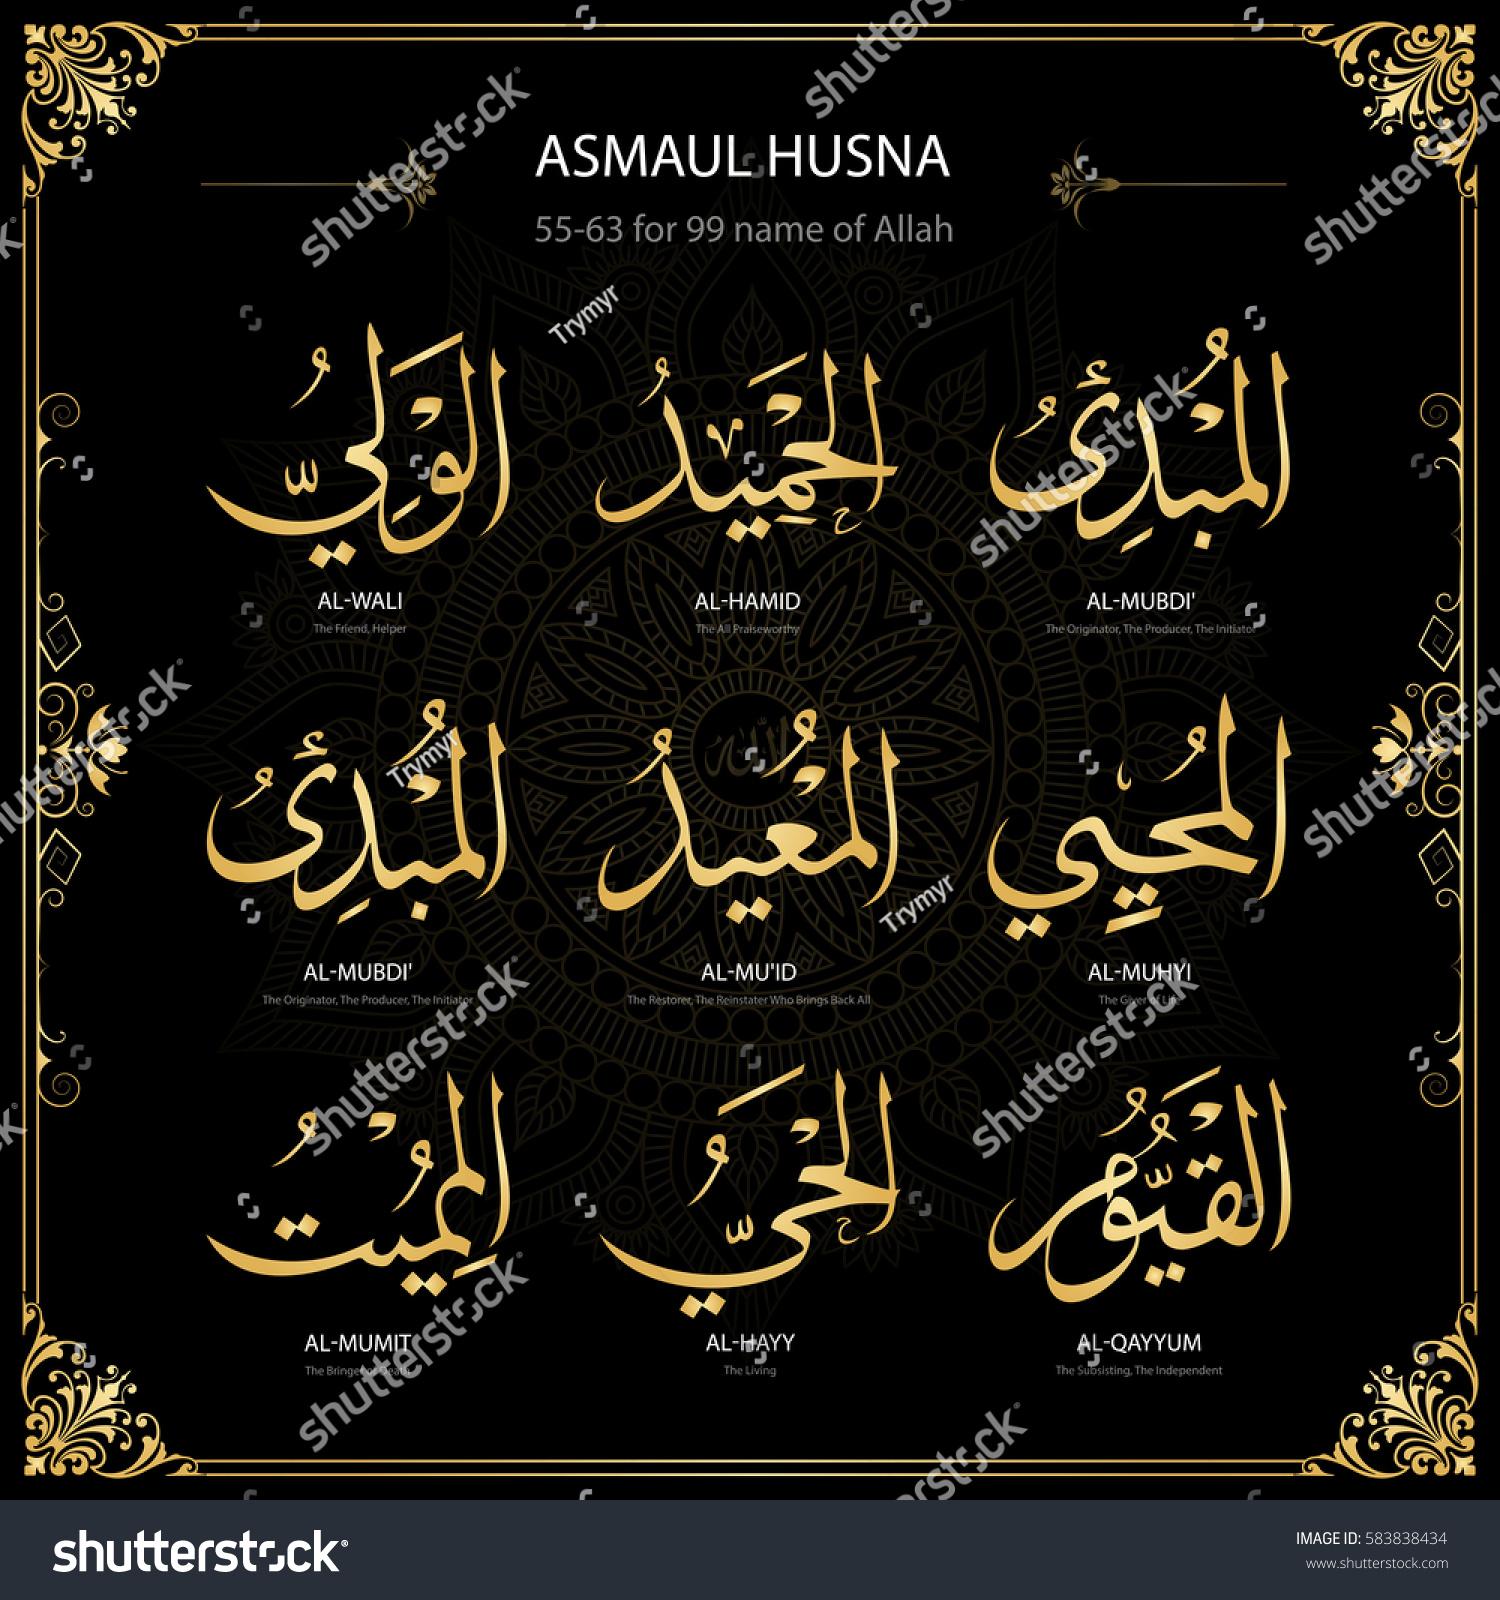 Asmaul Husna 99 Names Allah Vector Stock Vector 583838434